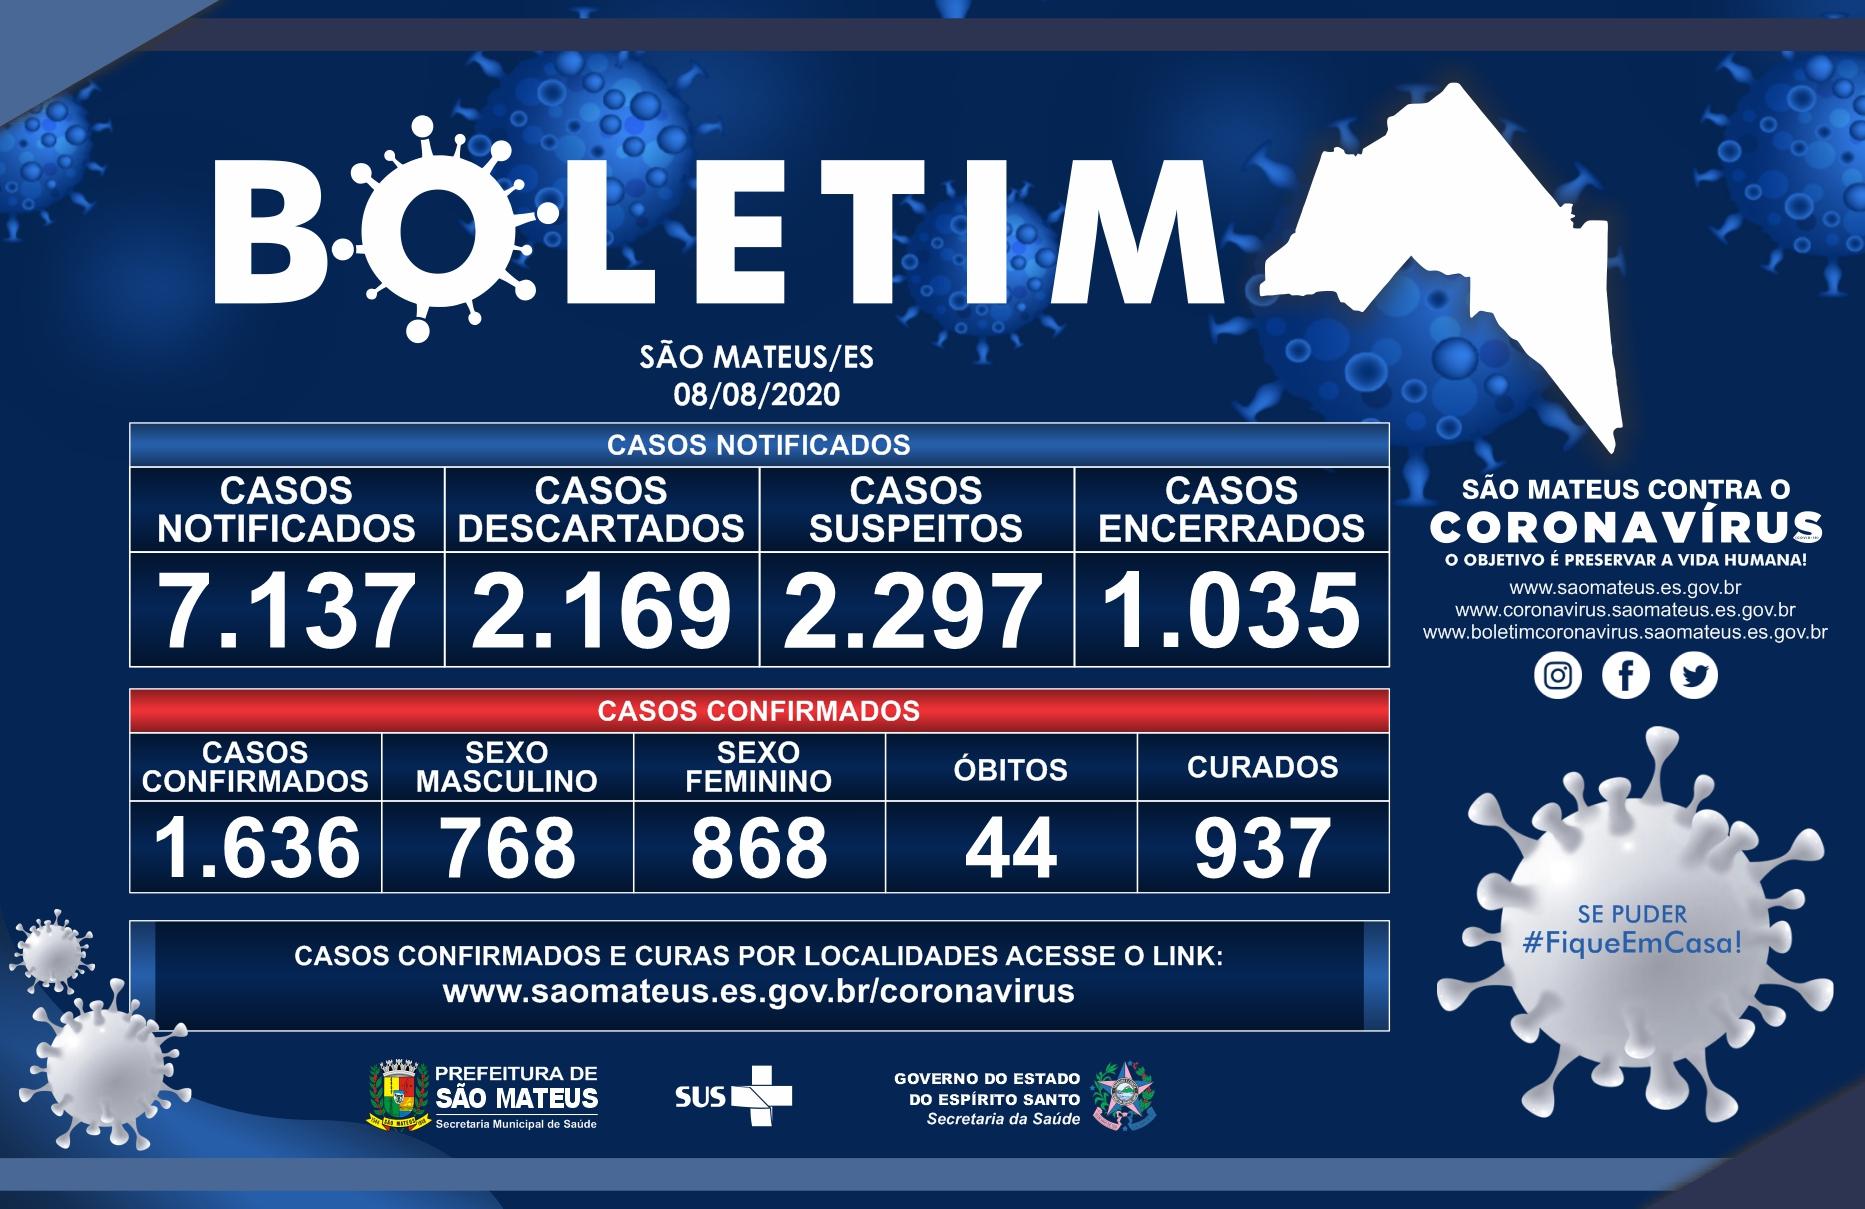 SÃO MATEUS CHEGA A 1.636 CASOS CONFIRMADOS DE CORONAVÍRUS